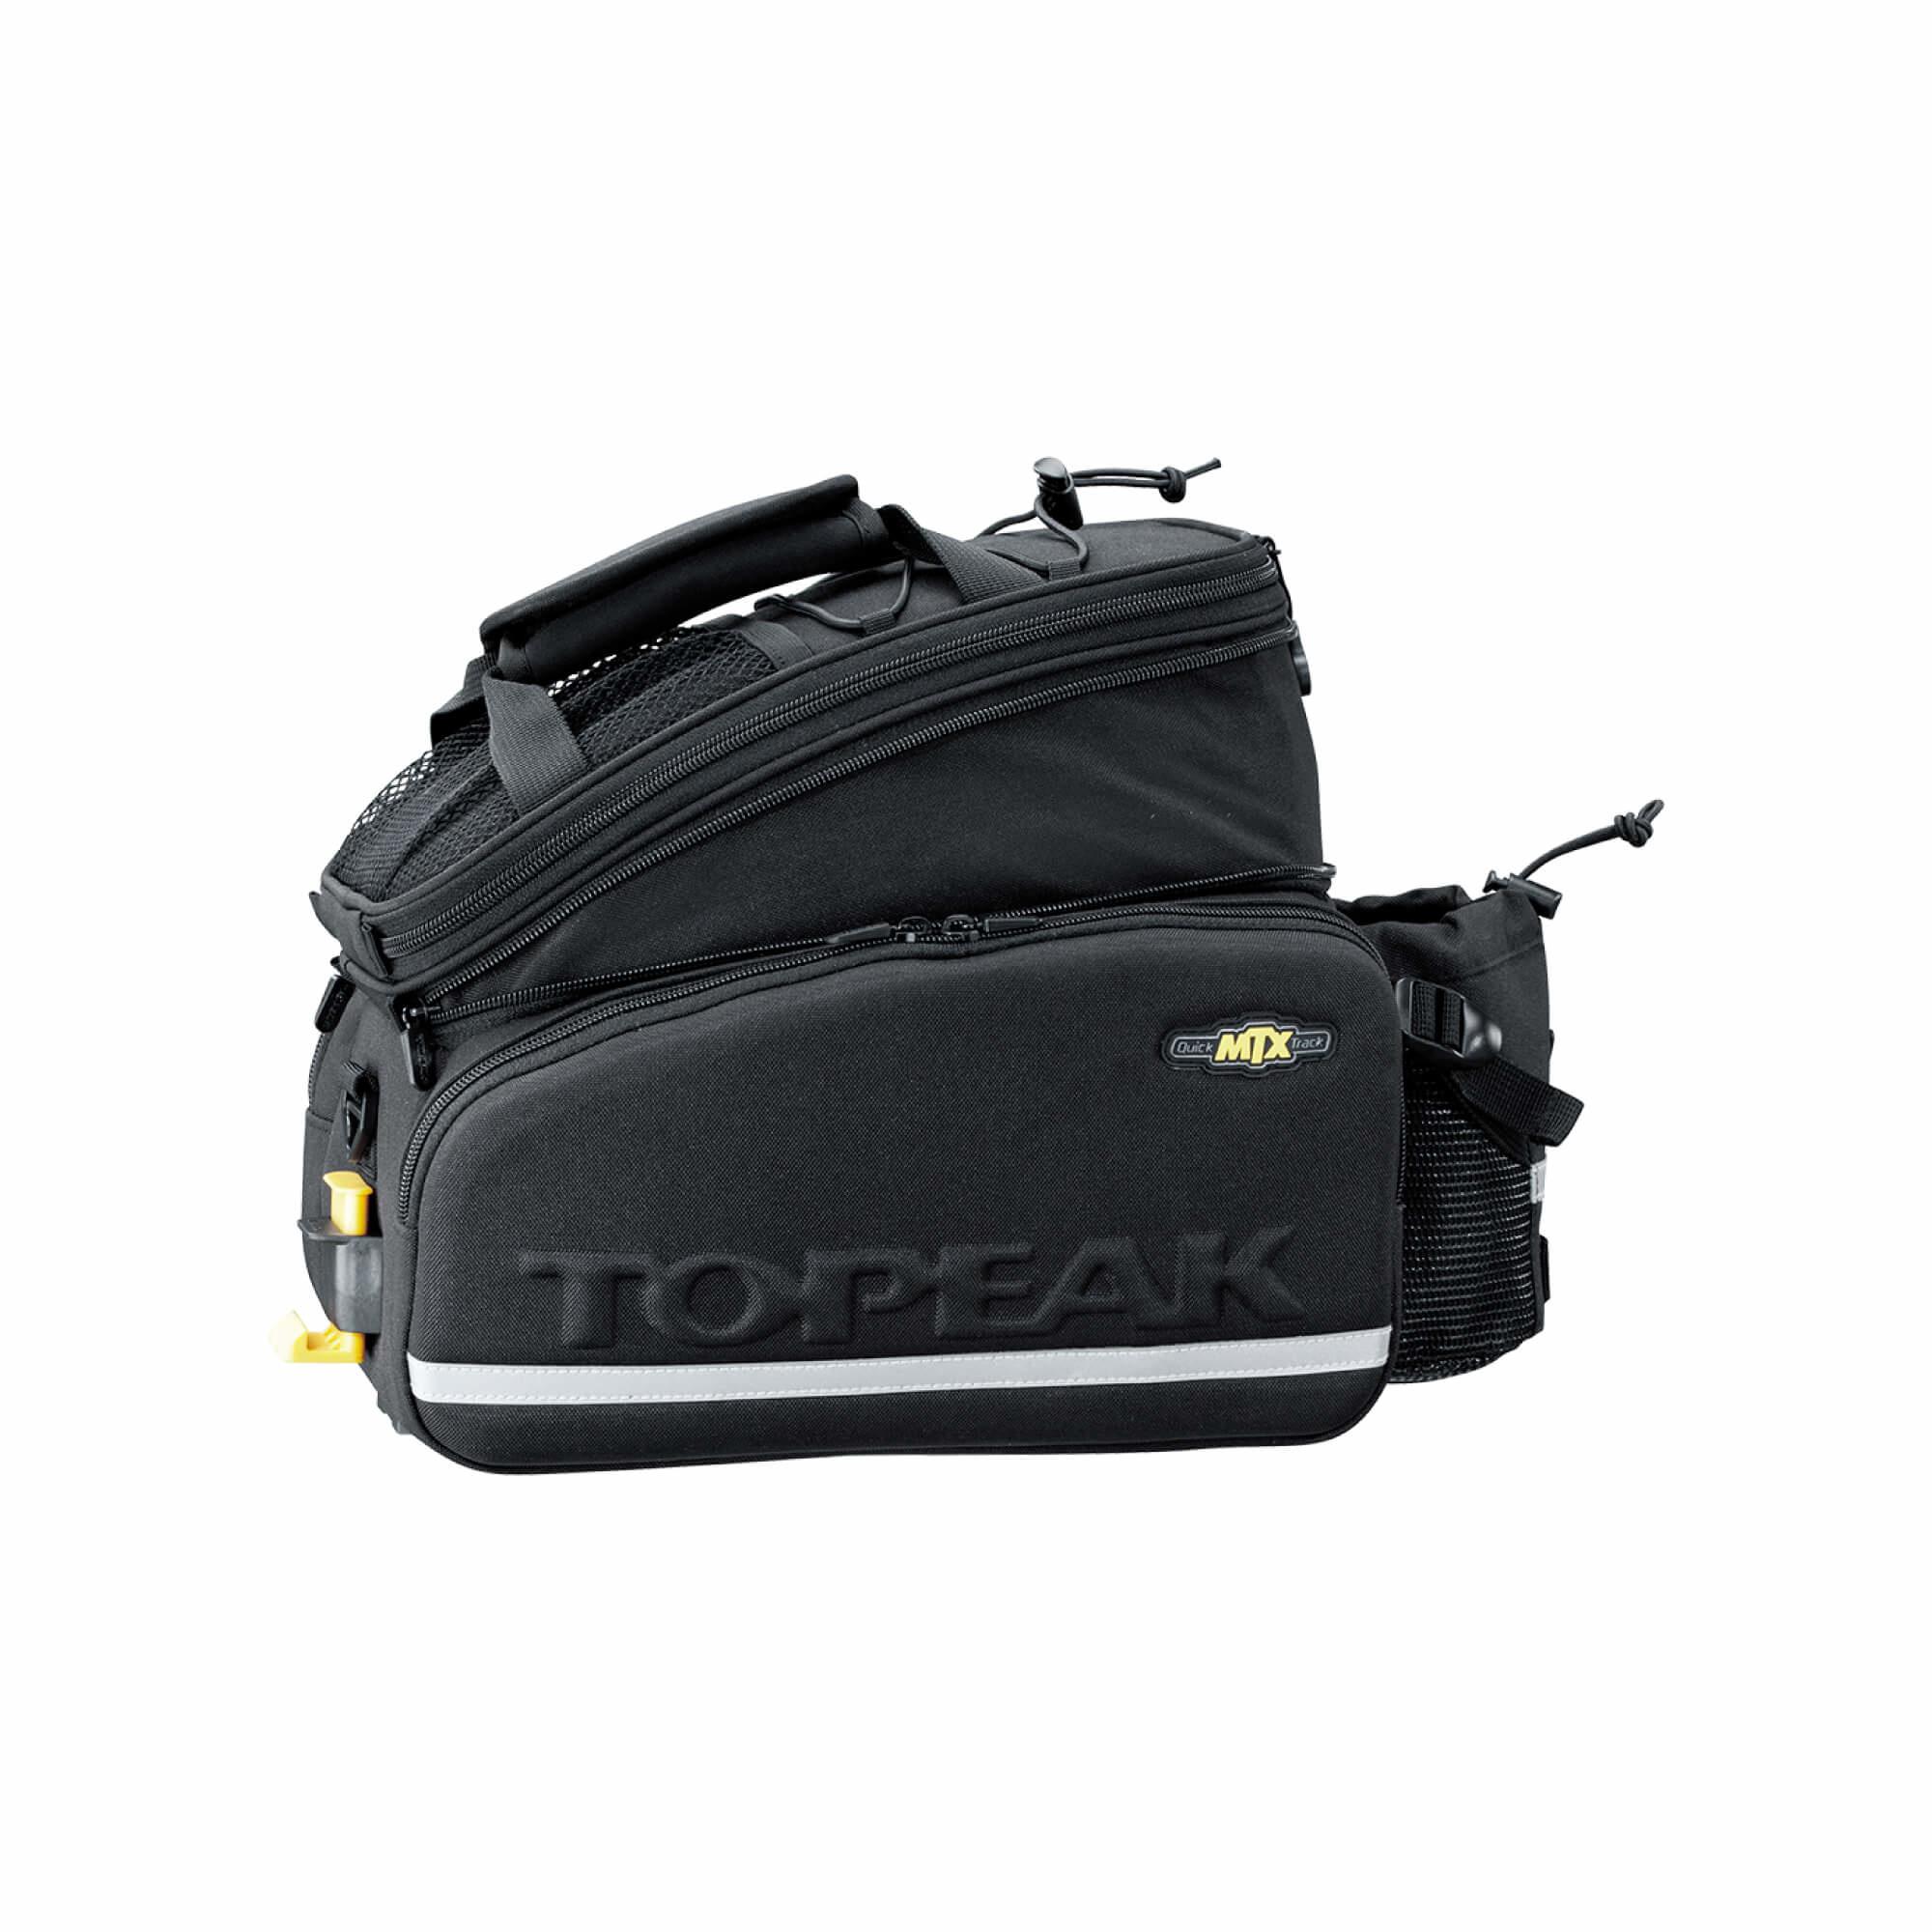 MTX Trunk Bag DX-1